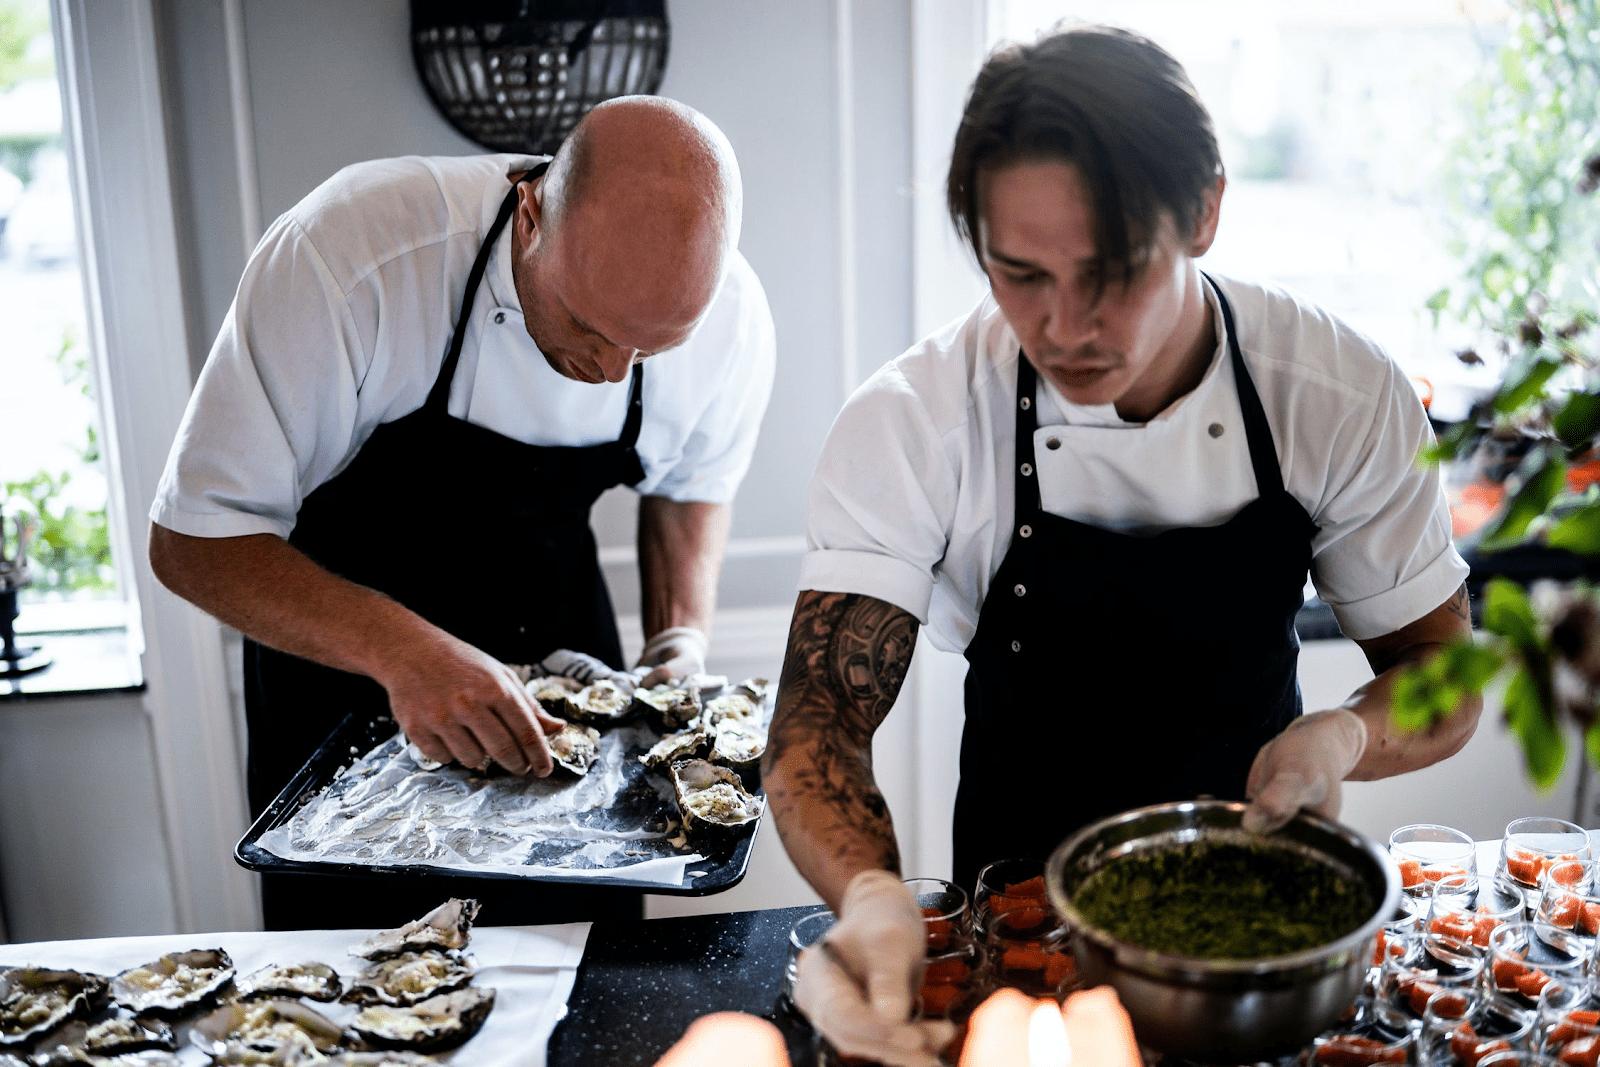 coworkers preparing food in a restaurant